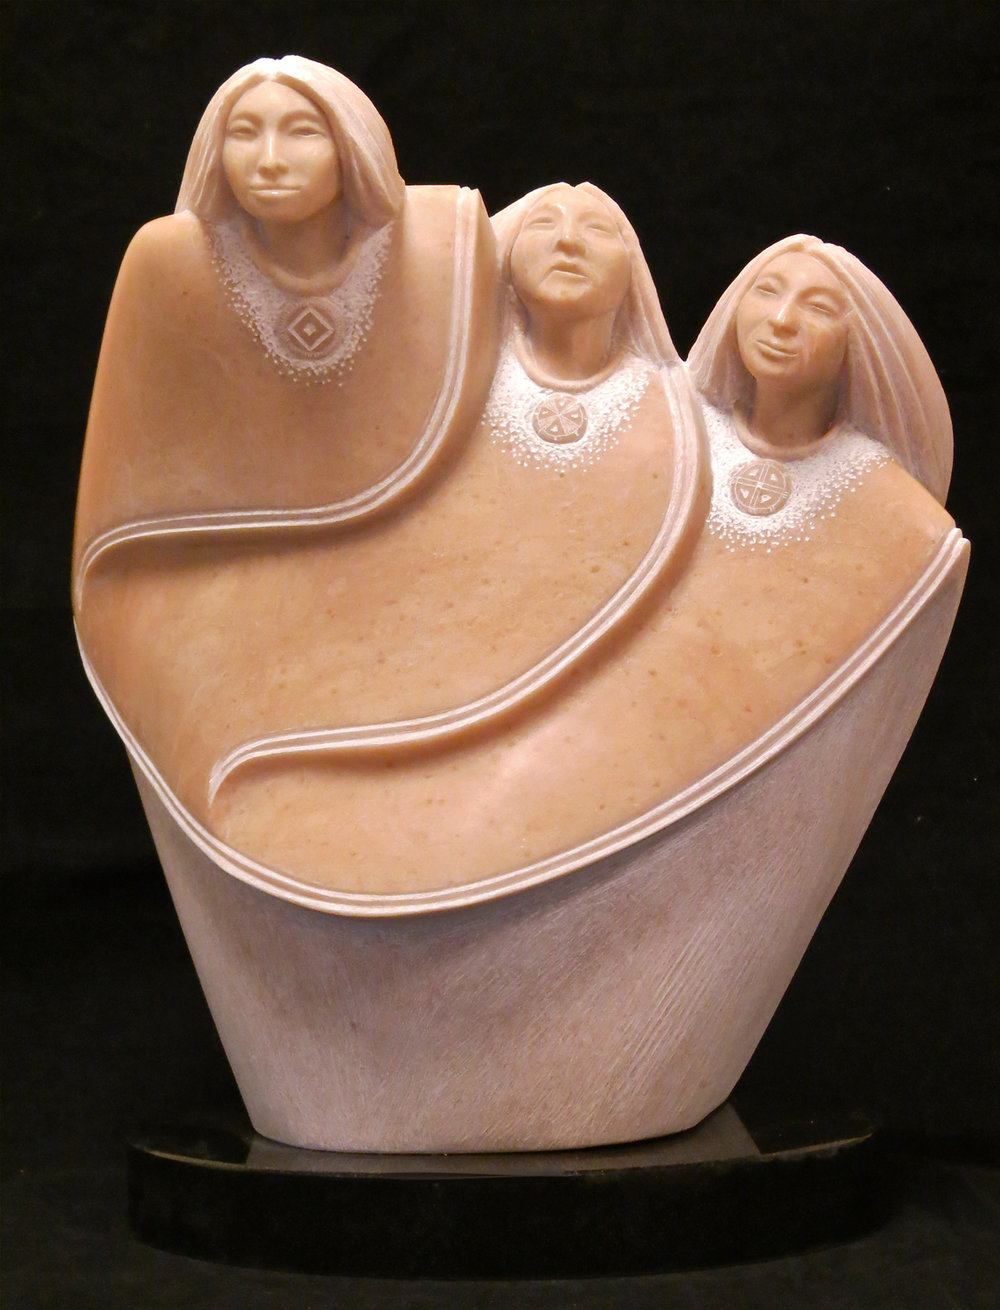 RMG_The Three Sisters-sm.jpg